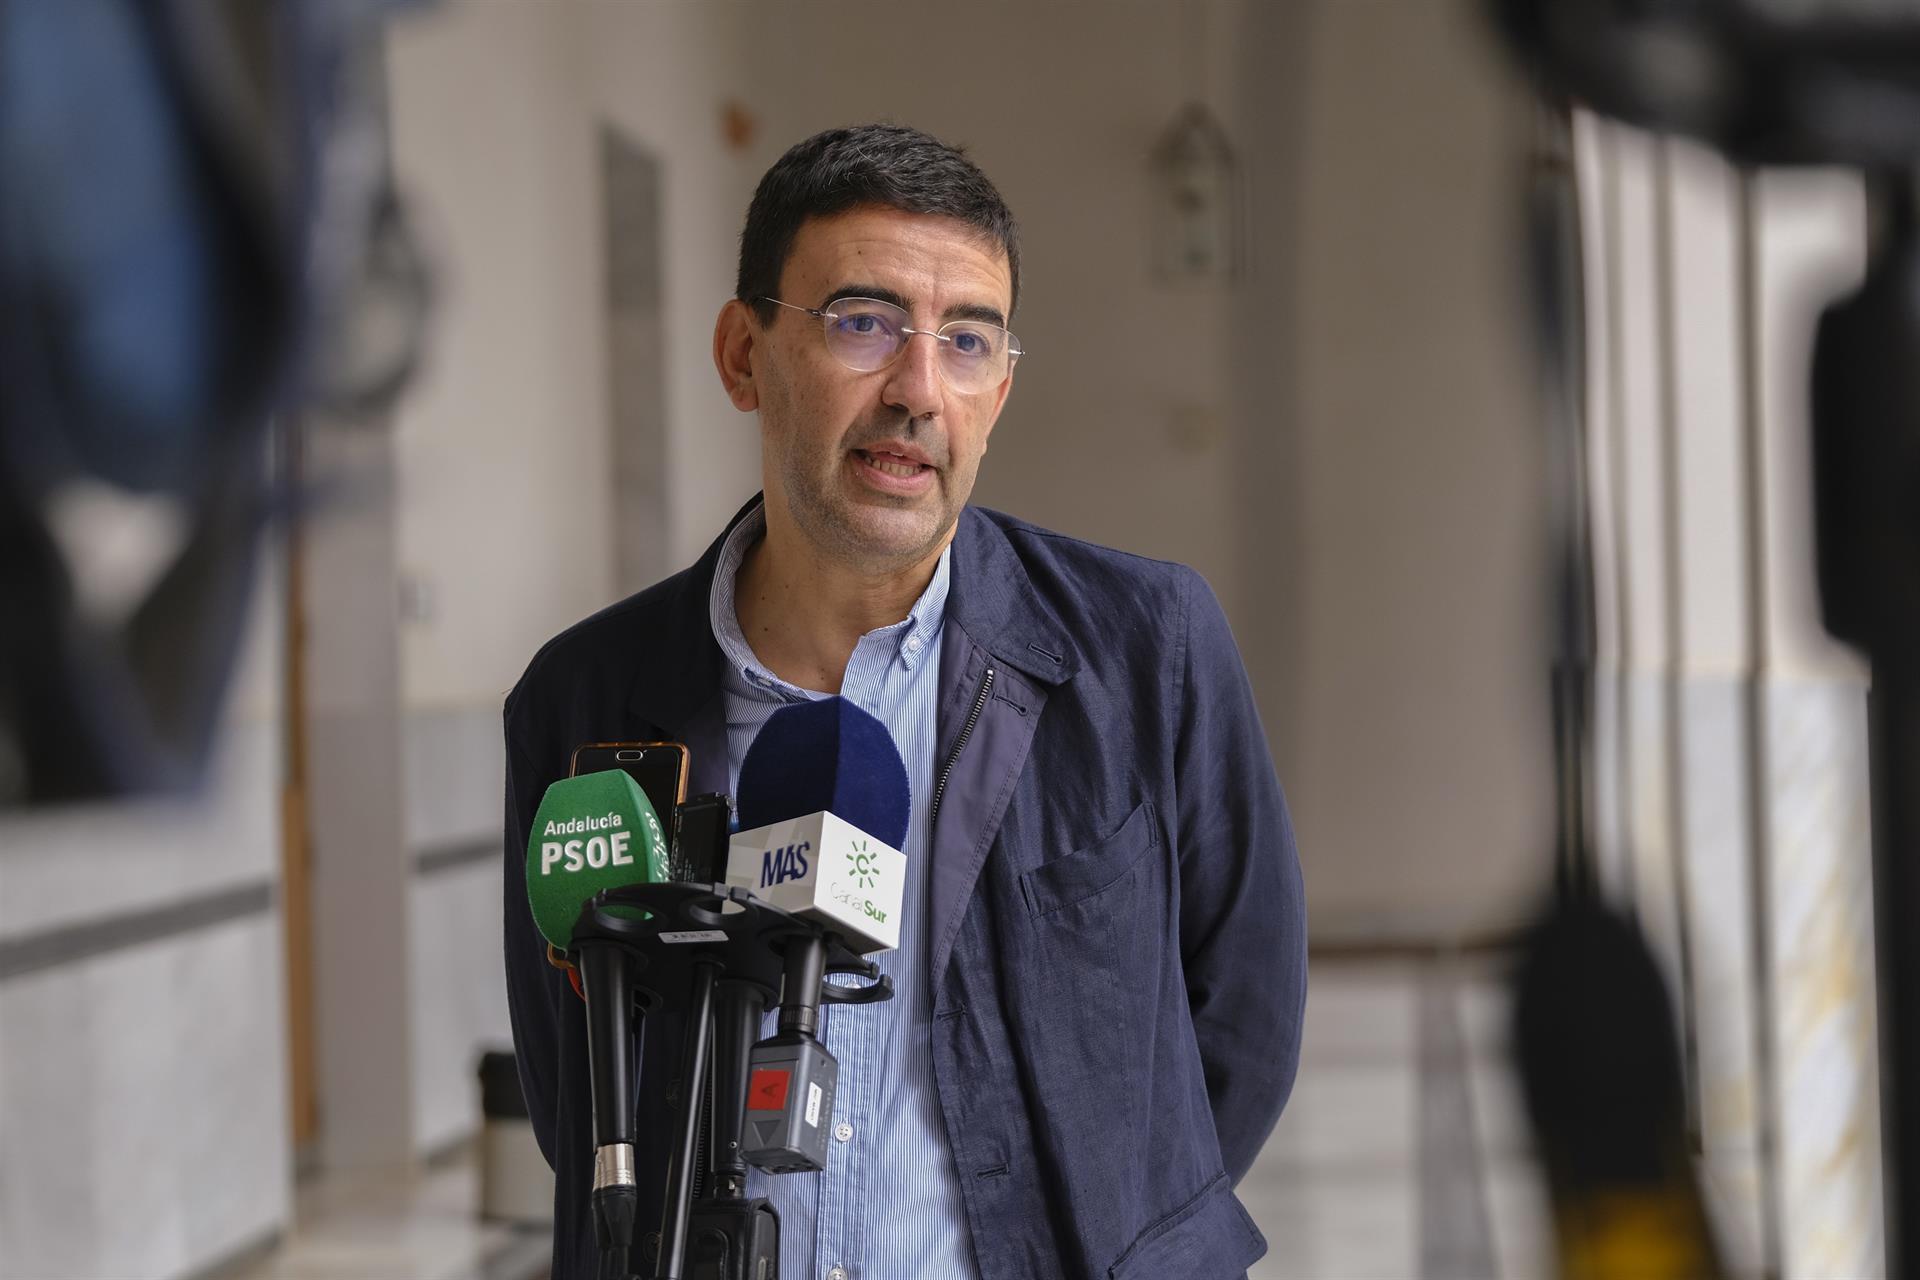 PSOE señala que si PP sigue directrices de Ayuso en financiación sería «la ruina para servicios públicos en Andalucía»